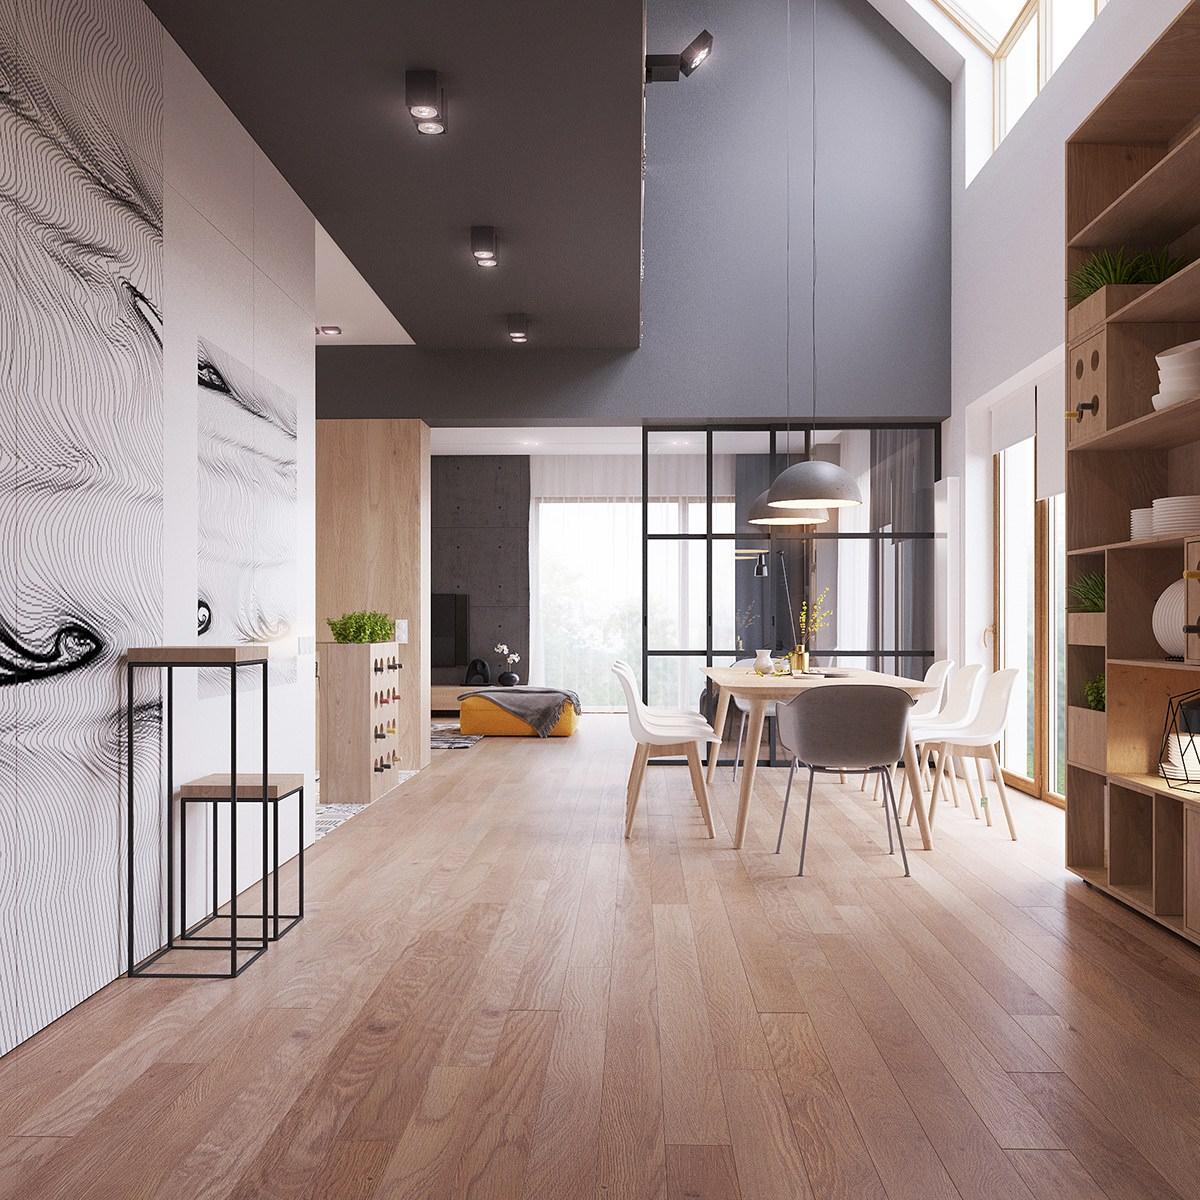 Indecise se scegliere uno stile moderno o vintage per la vostra nuova casa o per il cambio dei mobili? Originale Appartamento In Stile Scandinavo Moderno Ed Elegante Arredamento Casa Moderna Start Preventivi